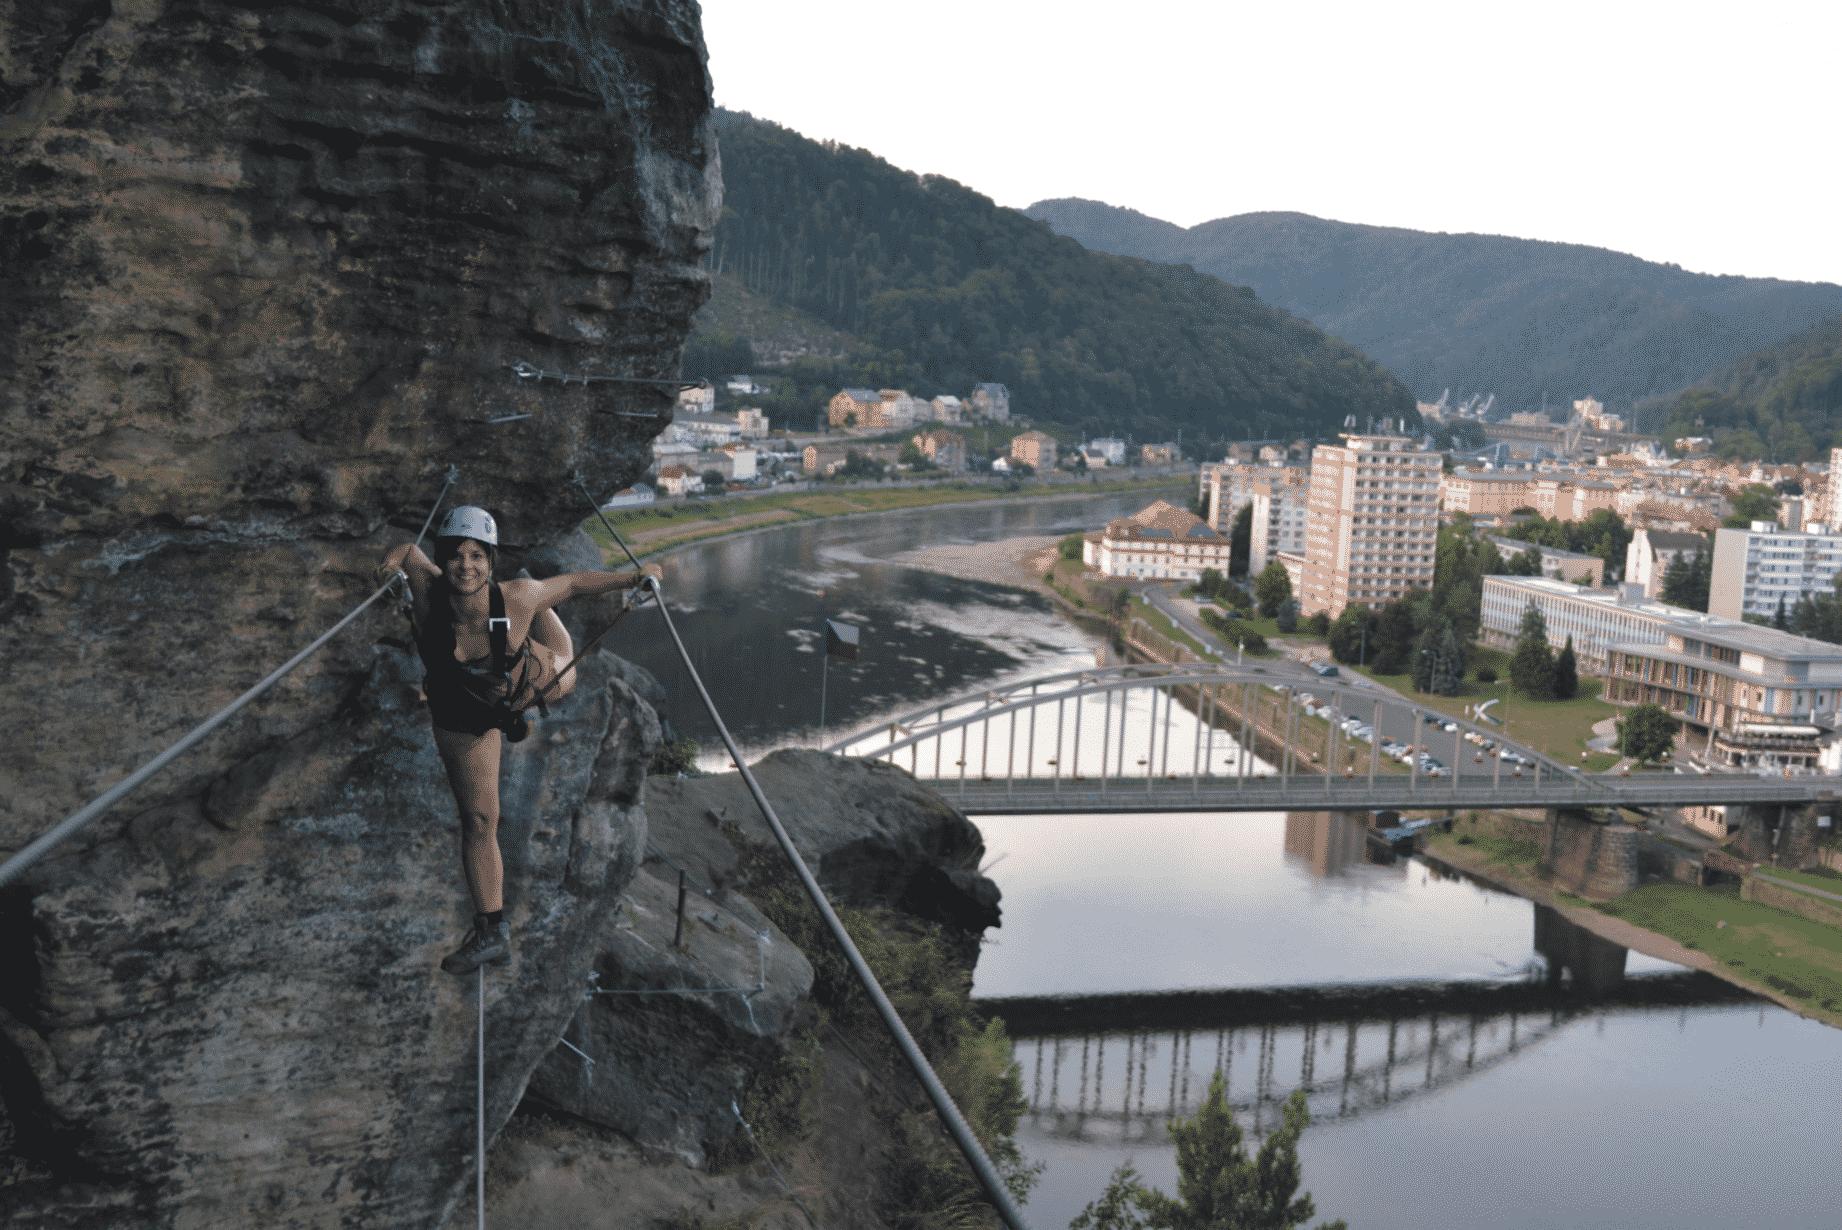 Via ferrata course in the Czech Republic